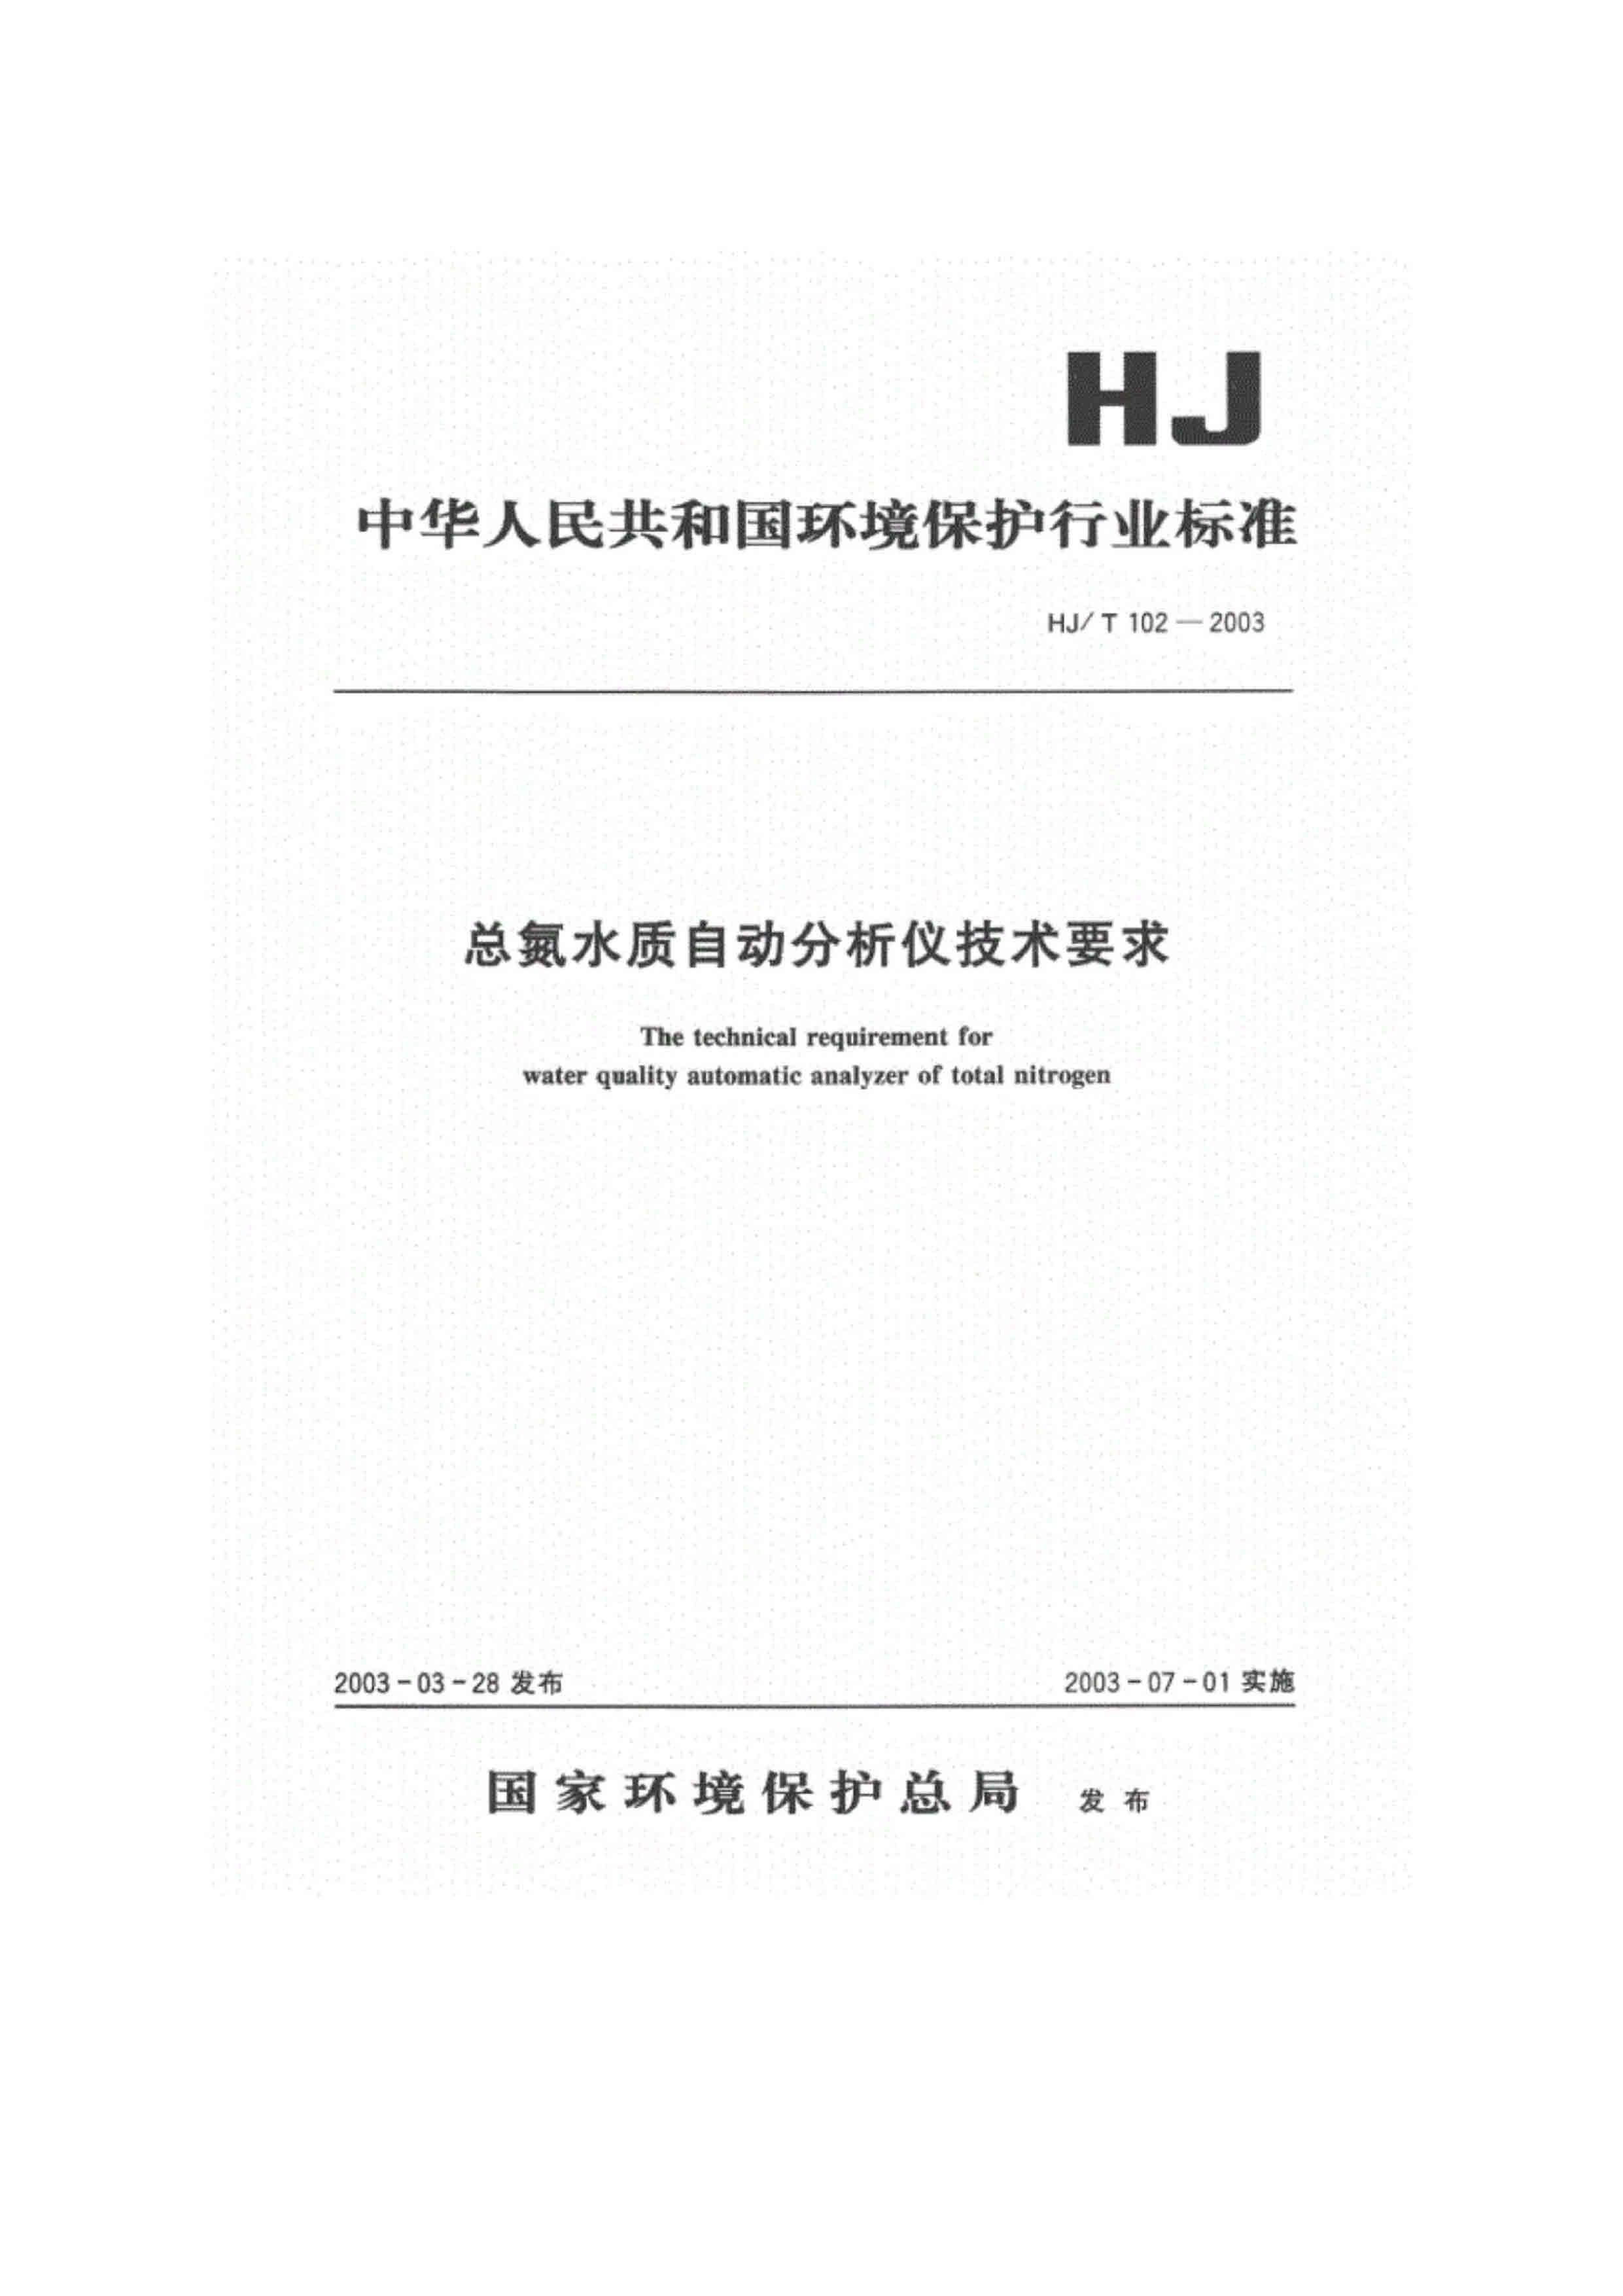 HJ-T102-2003 环境保护产品技术要求 总氮水质自动分析仪技术要求 下载